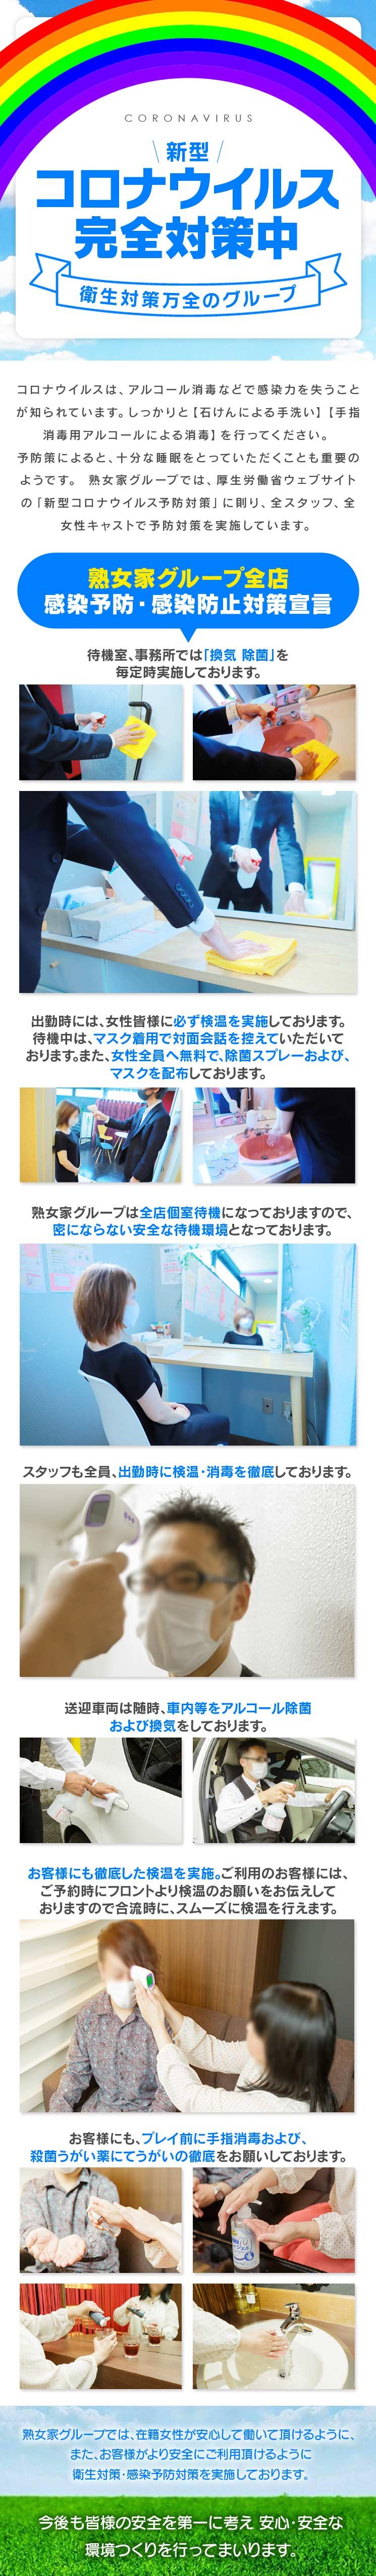 【風俗店】コロナ安全対策